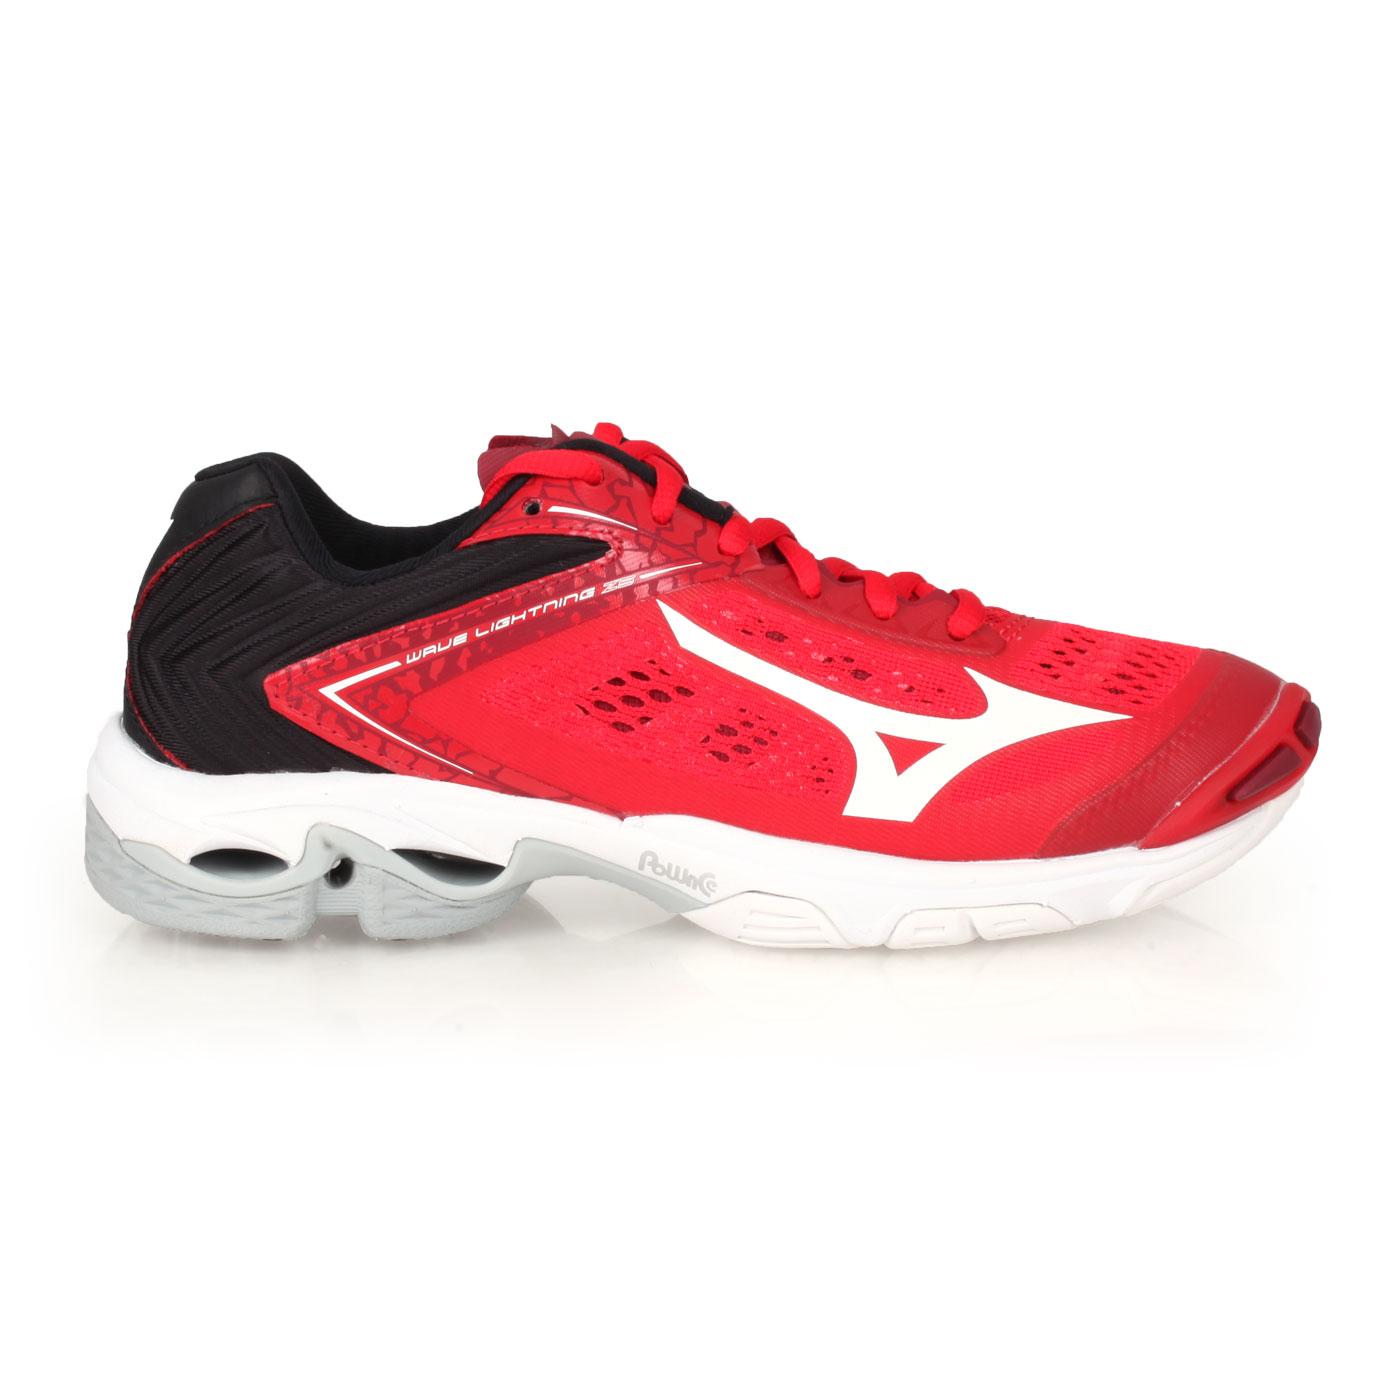 MIZUNO 特定限量獨家款-男女排球鞋  @WAVE LIGHTNING Z5@V1GA190062 - 紅黑白